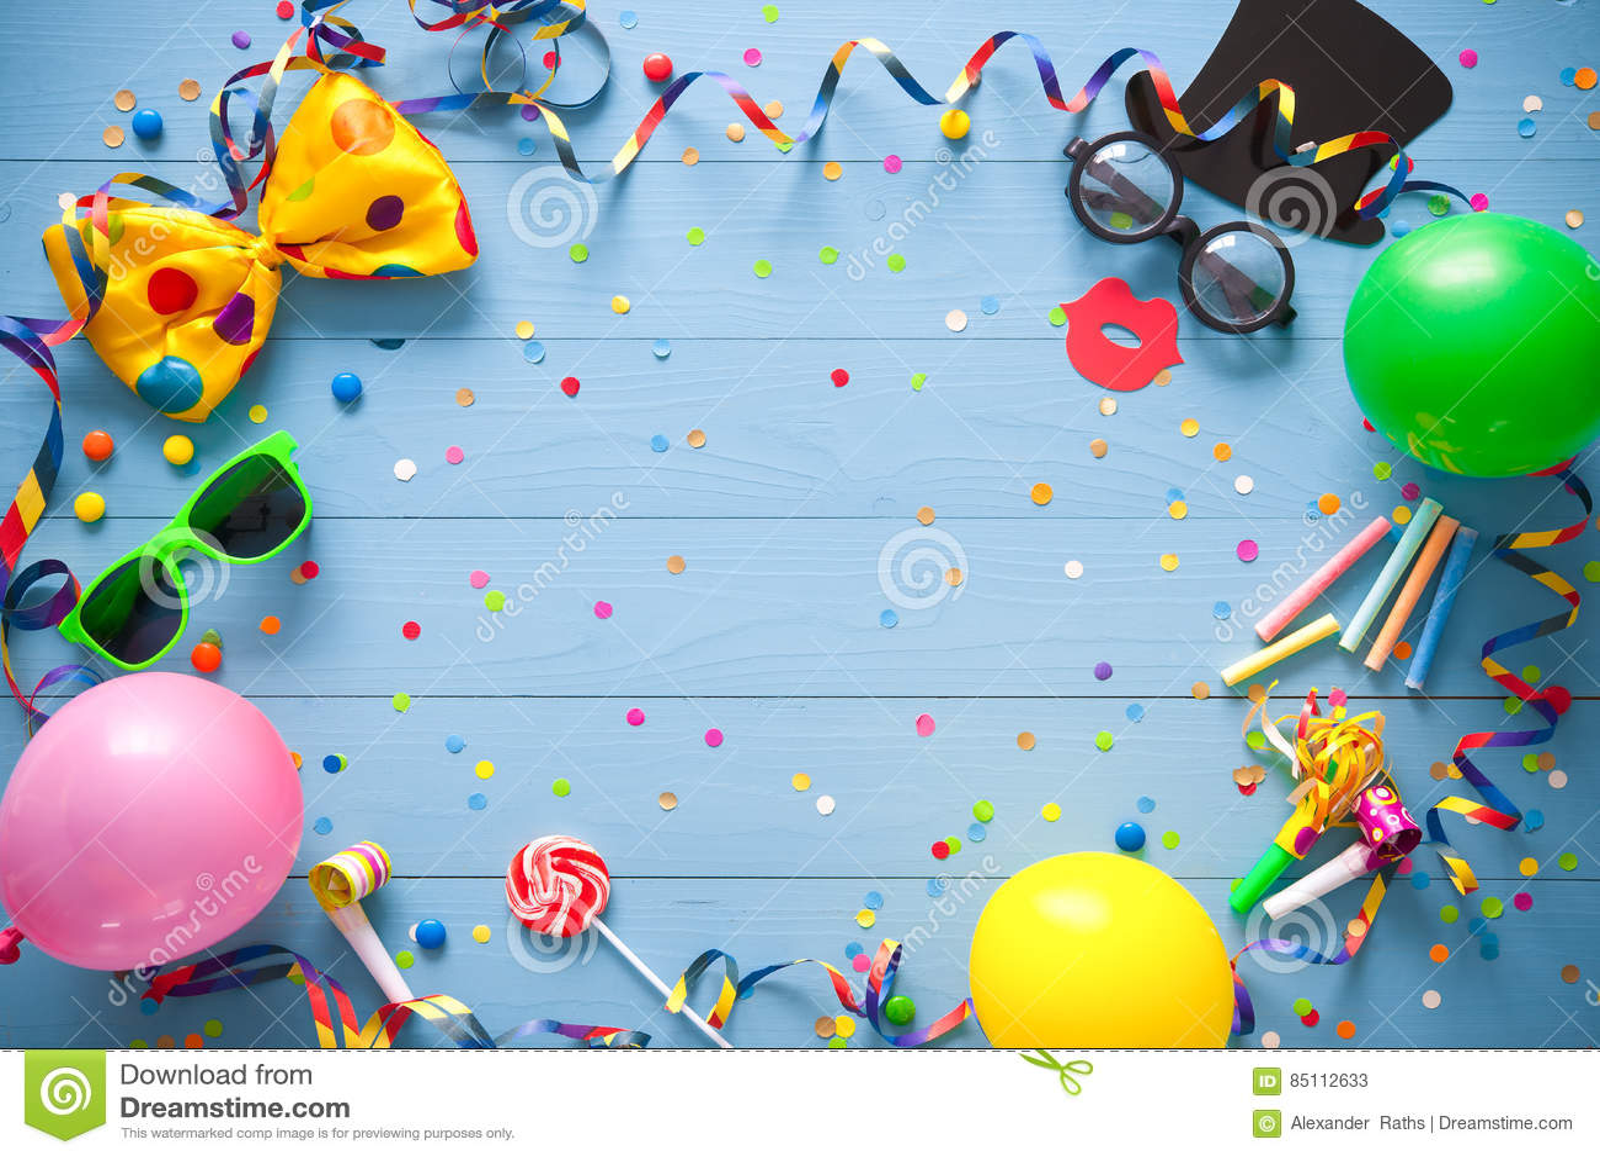 Bunter Geburtstags- oder Karnevalshintergrund